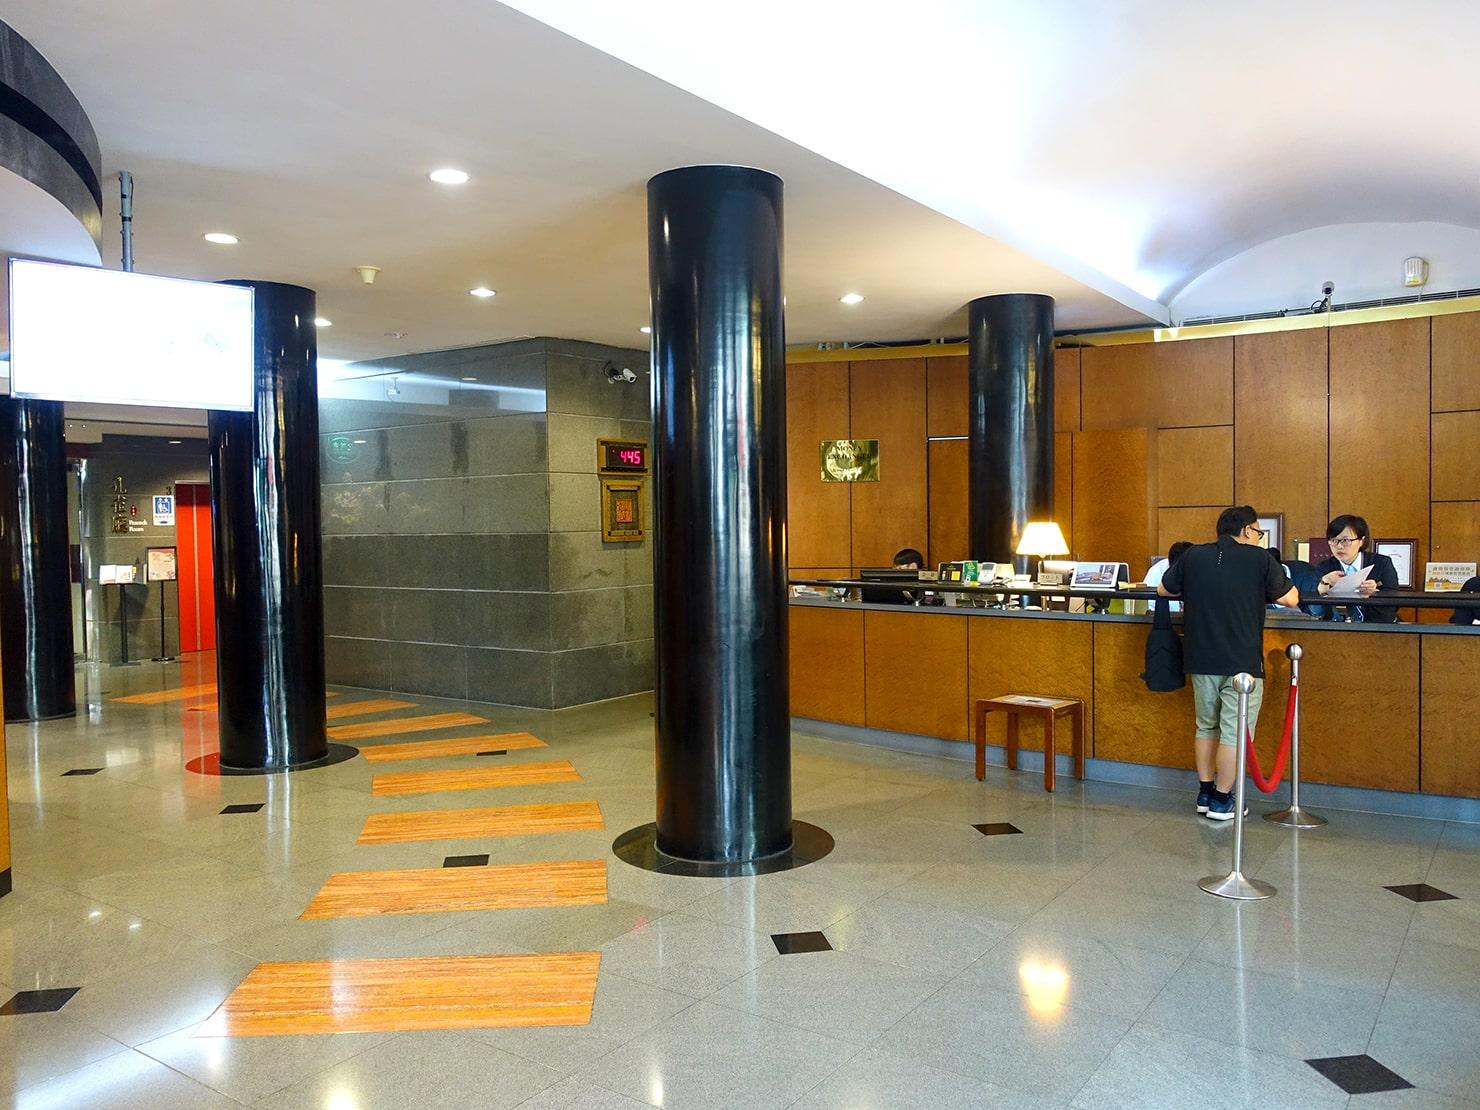 台南駅が目の前の老舗ホテル「台南大飯店 Hotel Tainan」のロビー